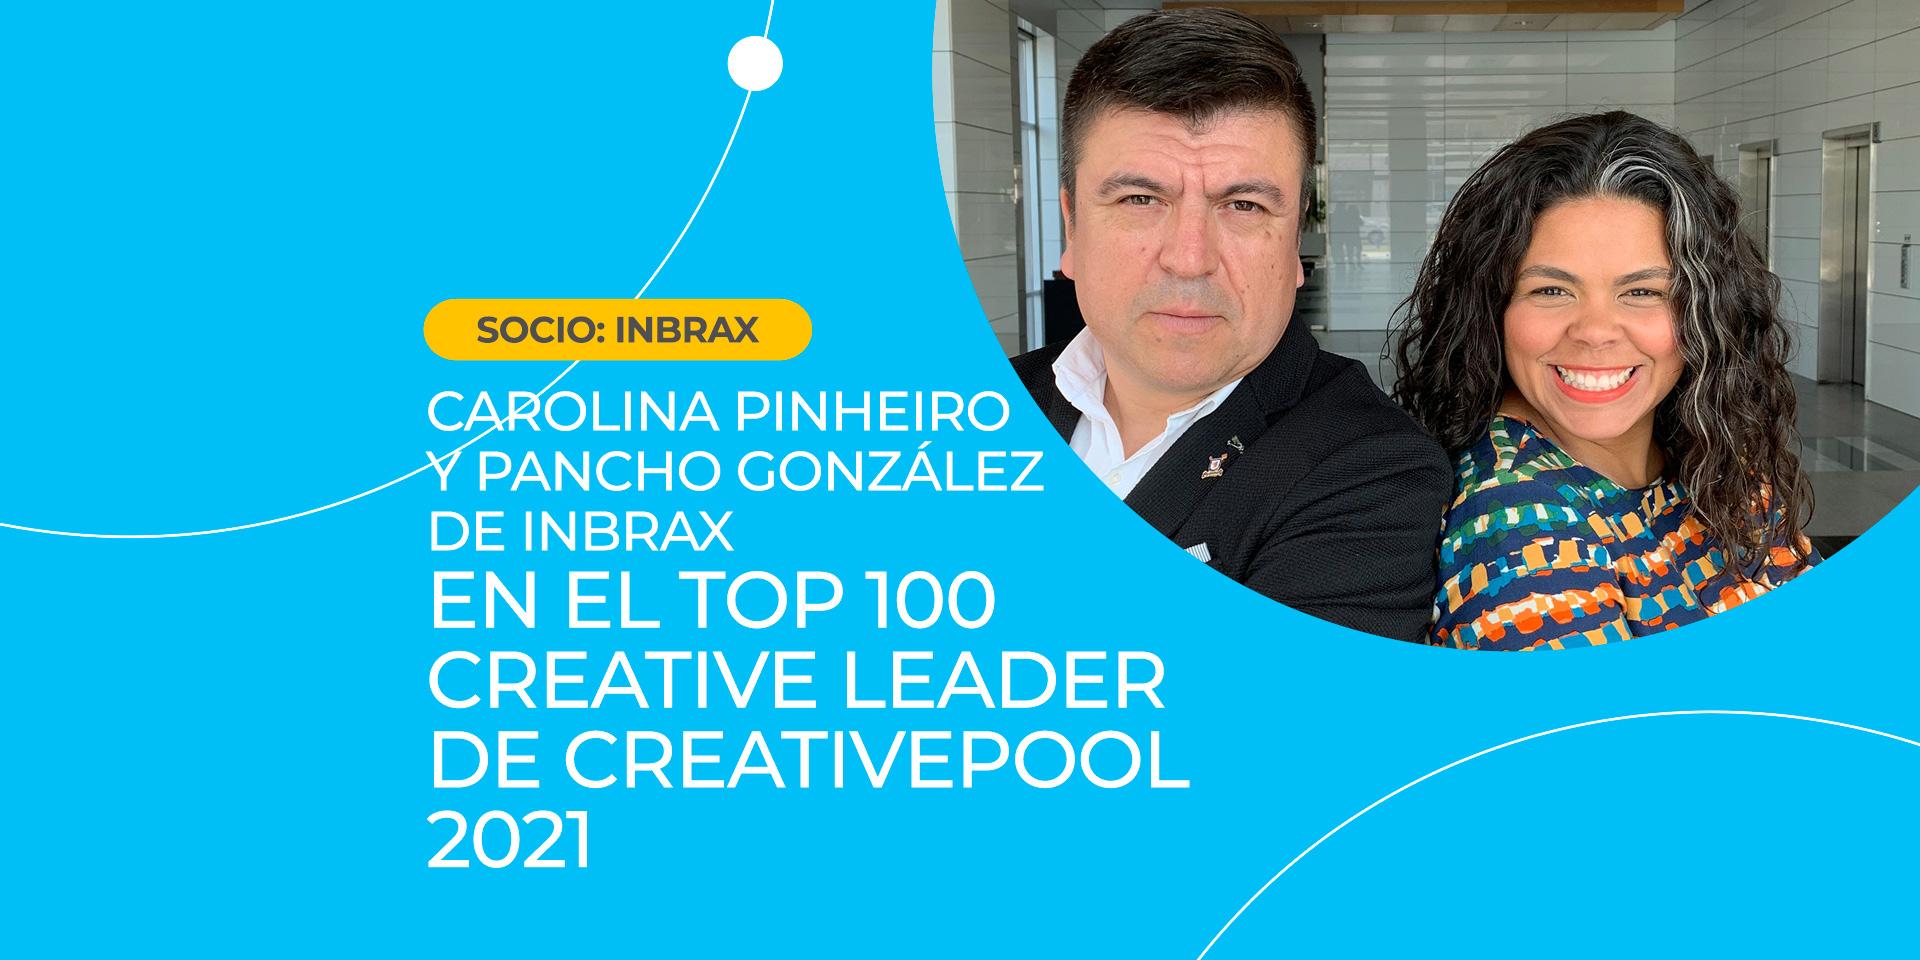 Carolina Pinheiro y Pancho Gonzalez_Inbrax